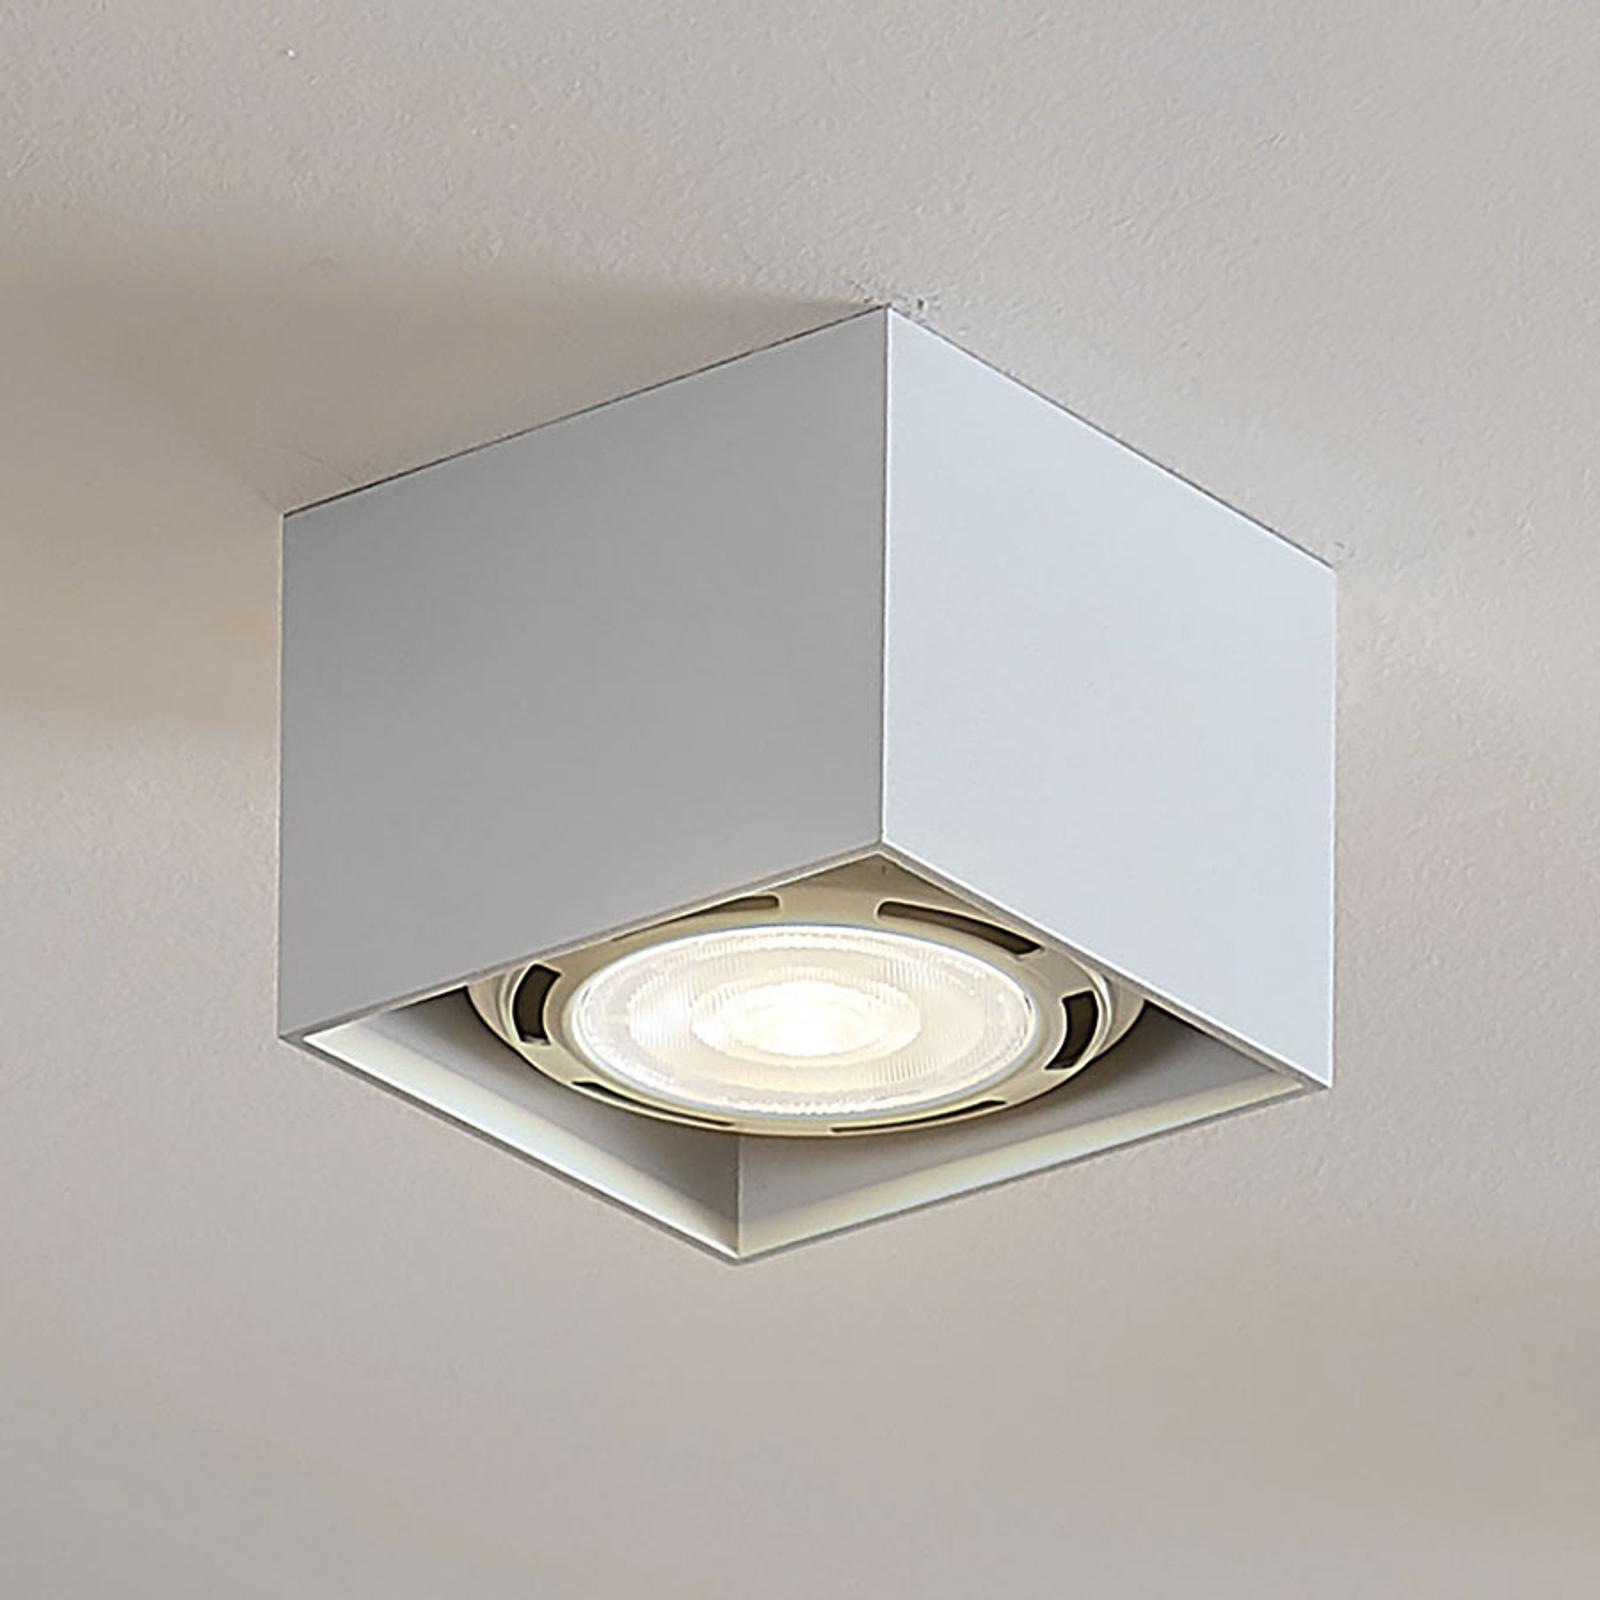 LED-Deckenstrahler Mabel, eckig, weiß